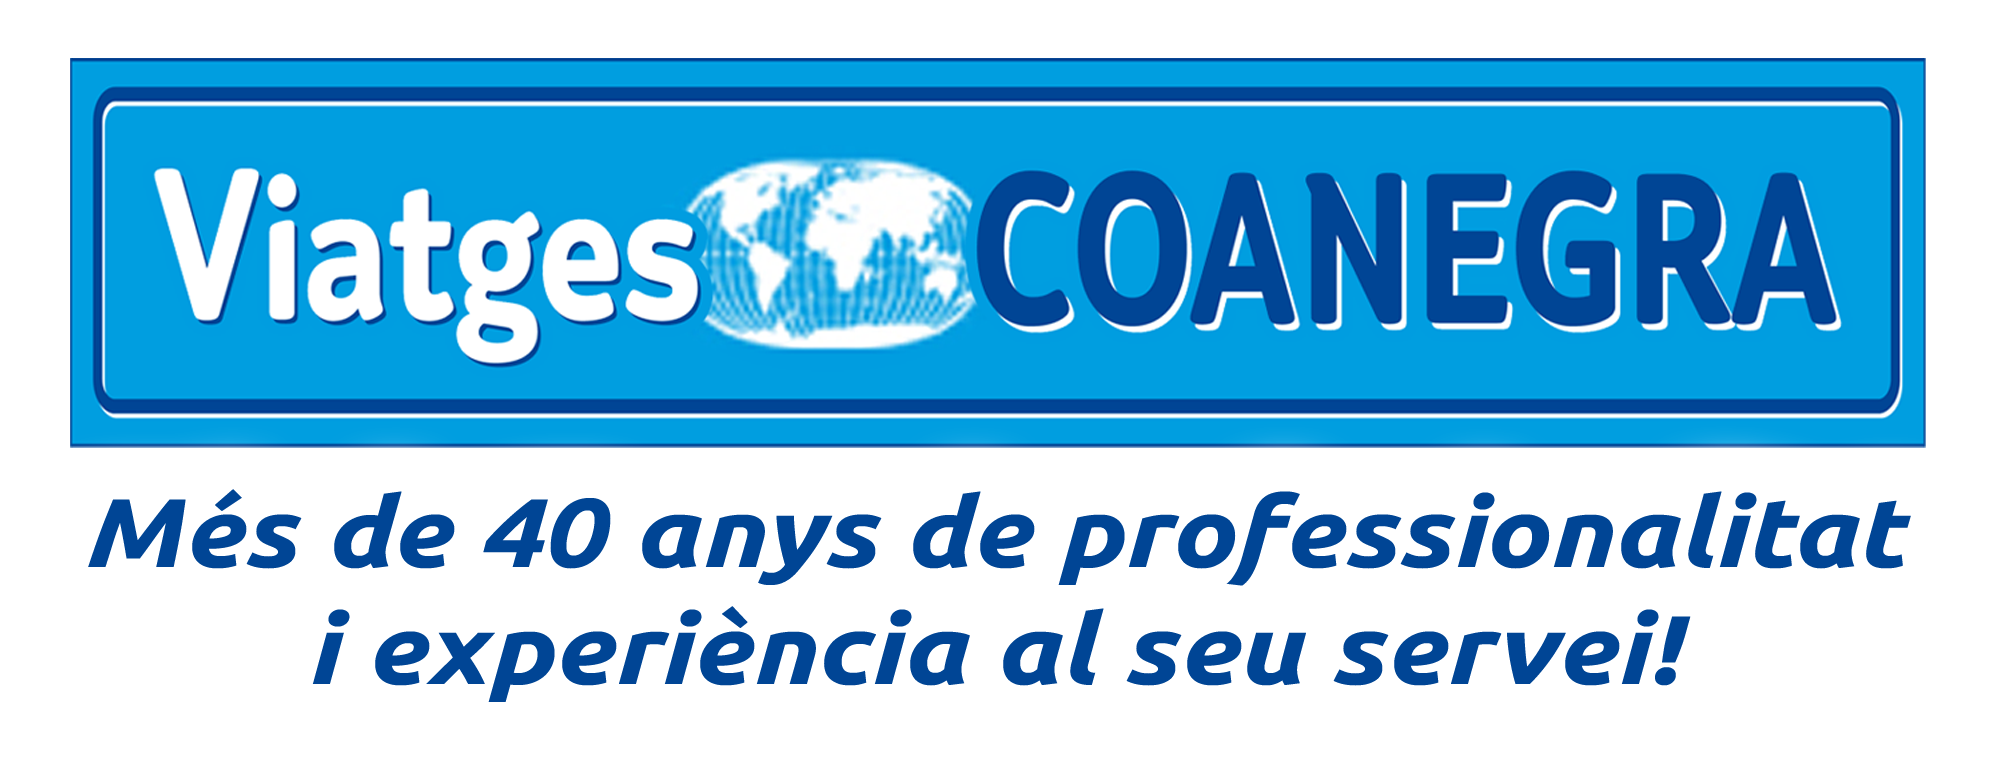 Logo comerç Viatges Coanegra